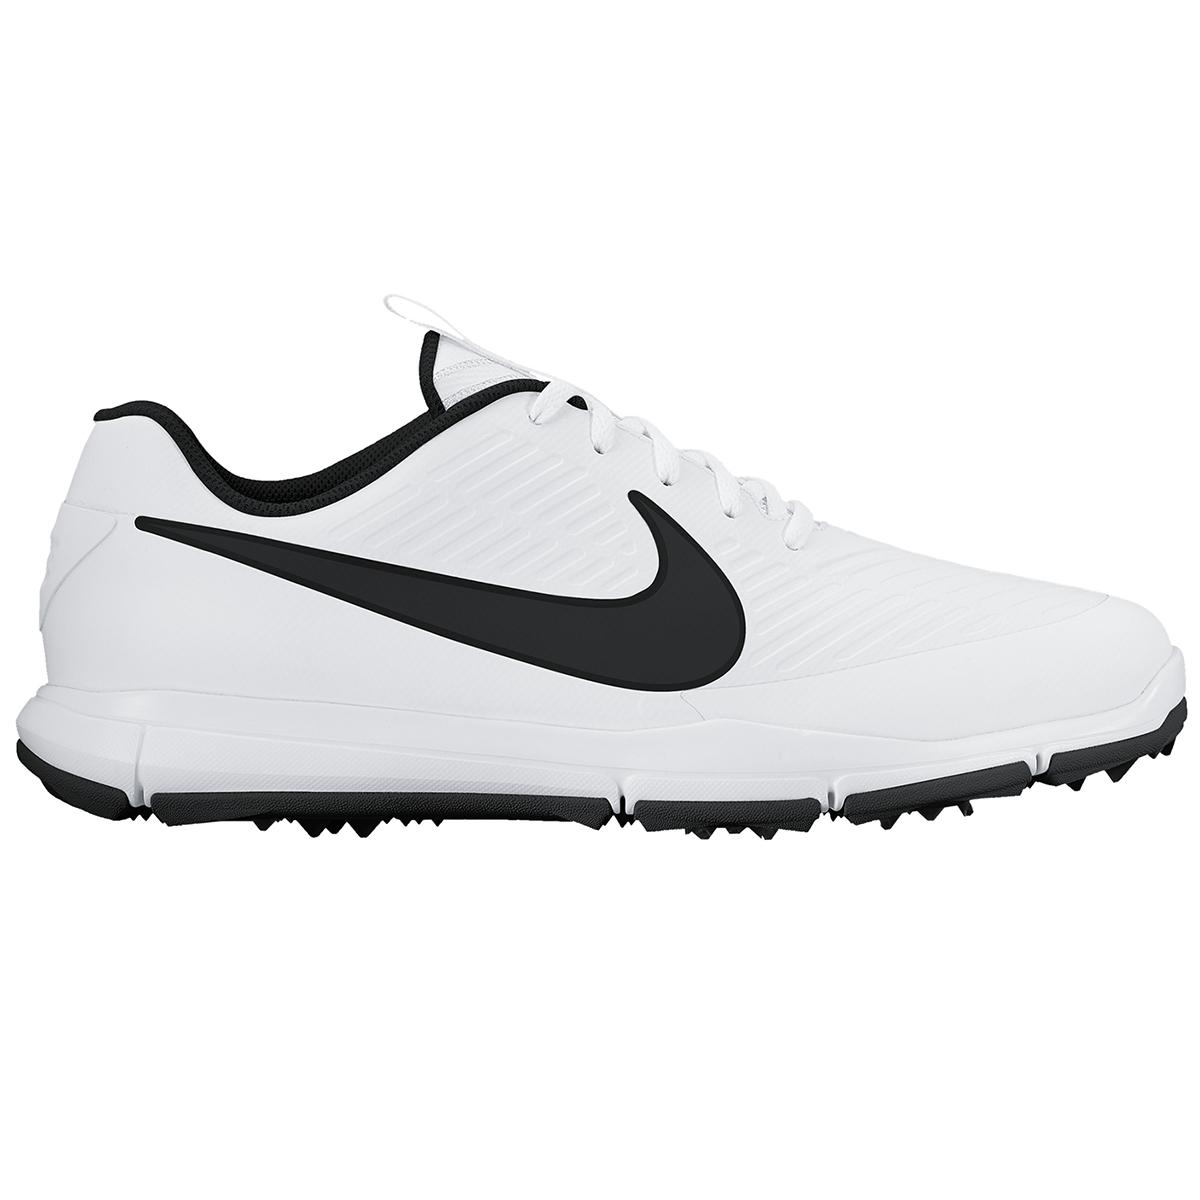 newest collection 16bd1 5d0de Nike Golf Explorer 2 S Shoes